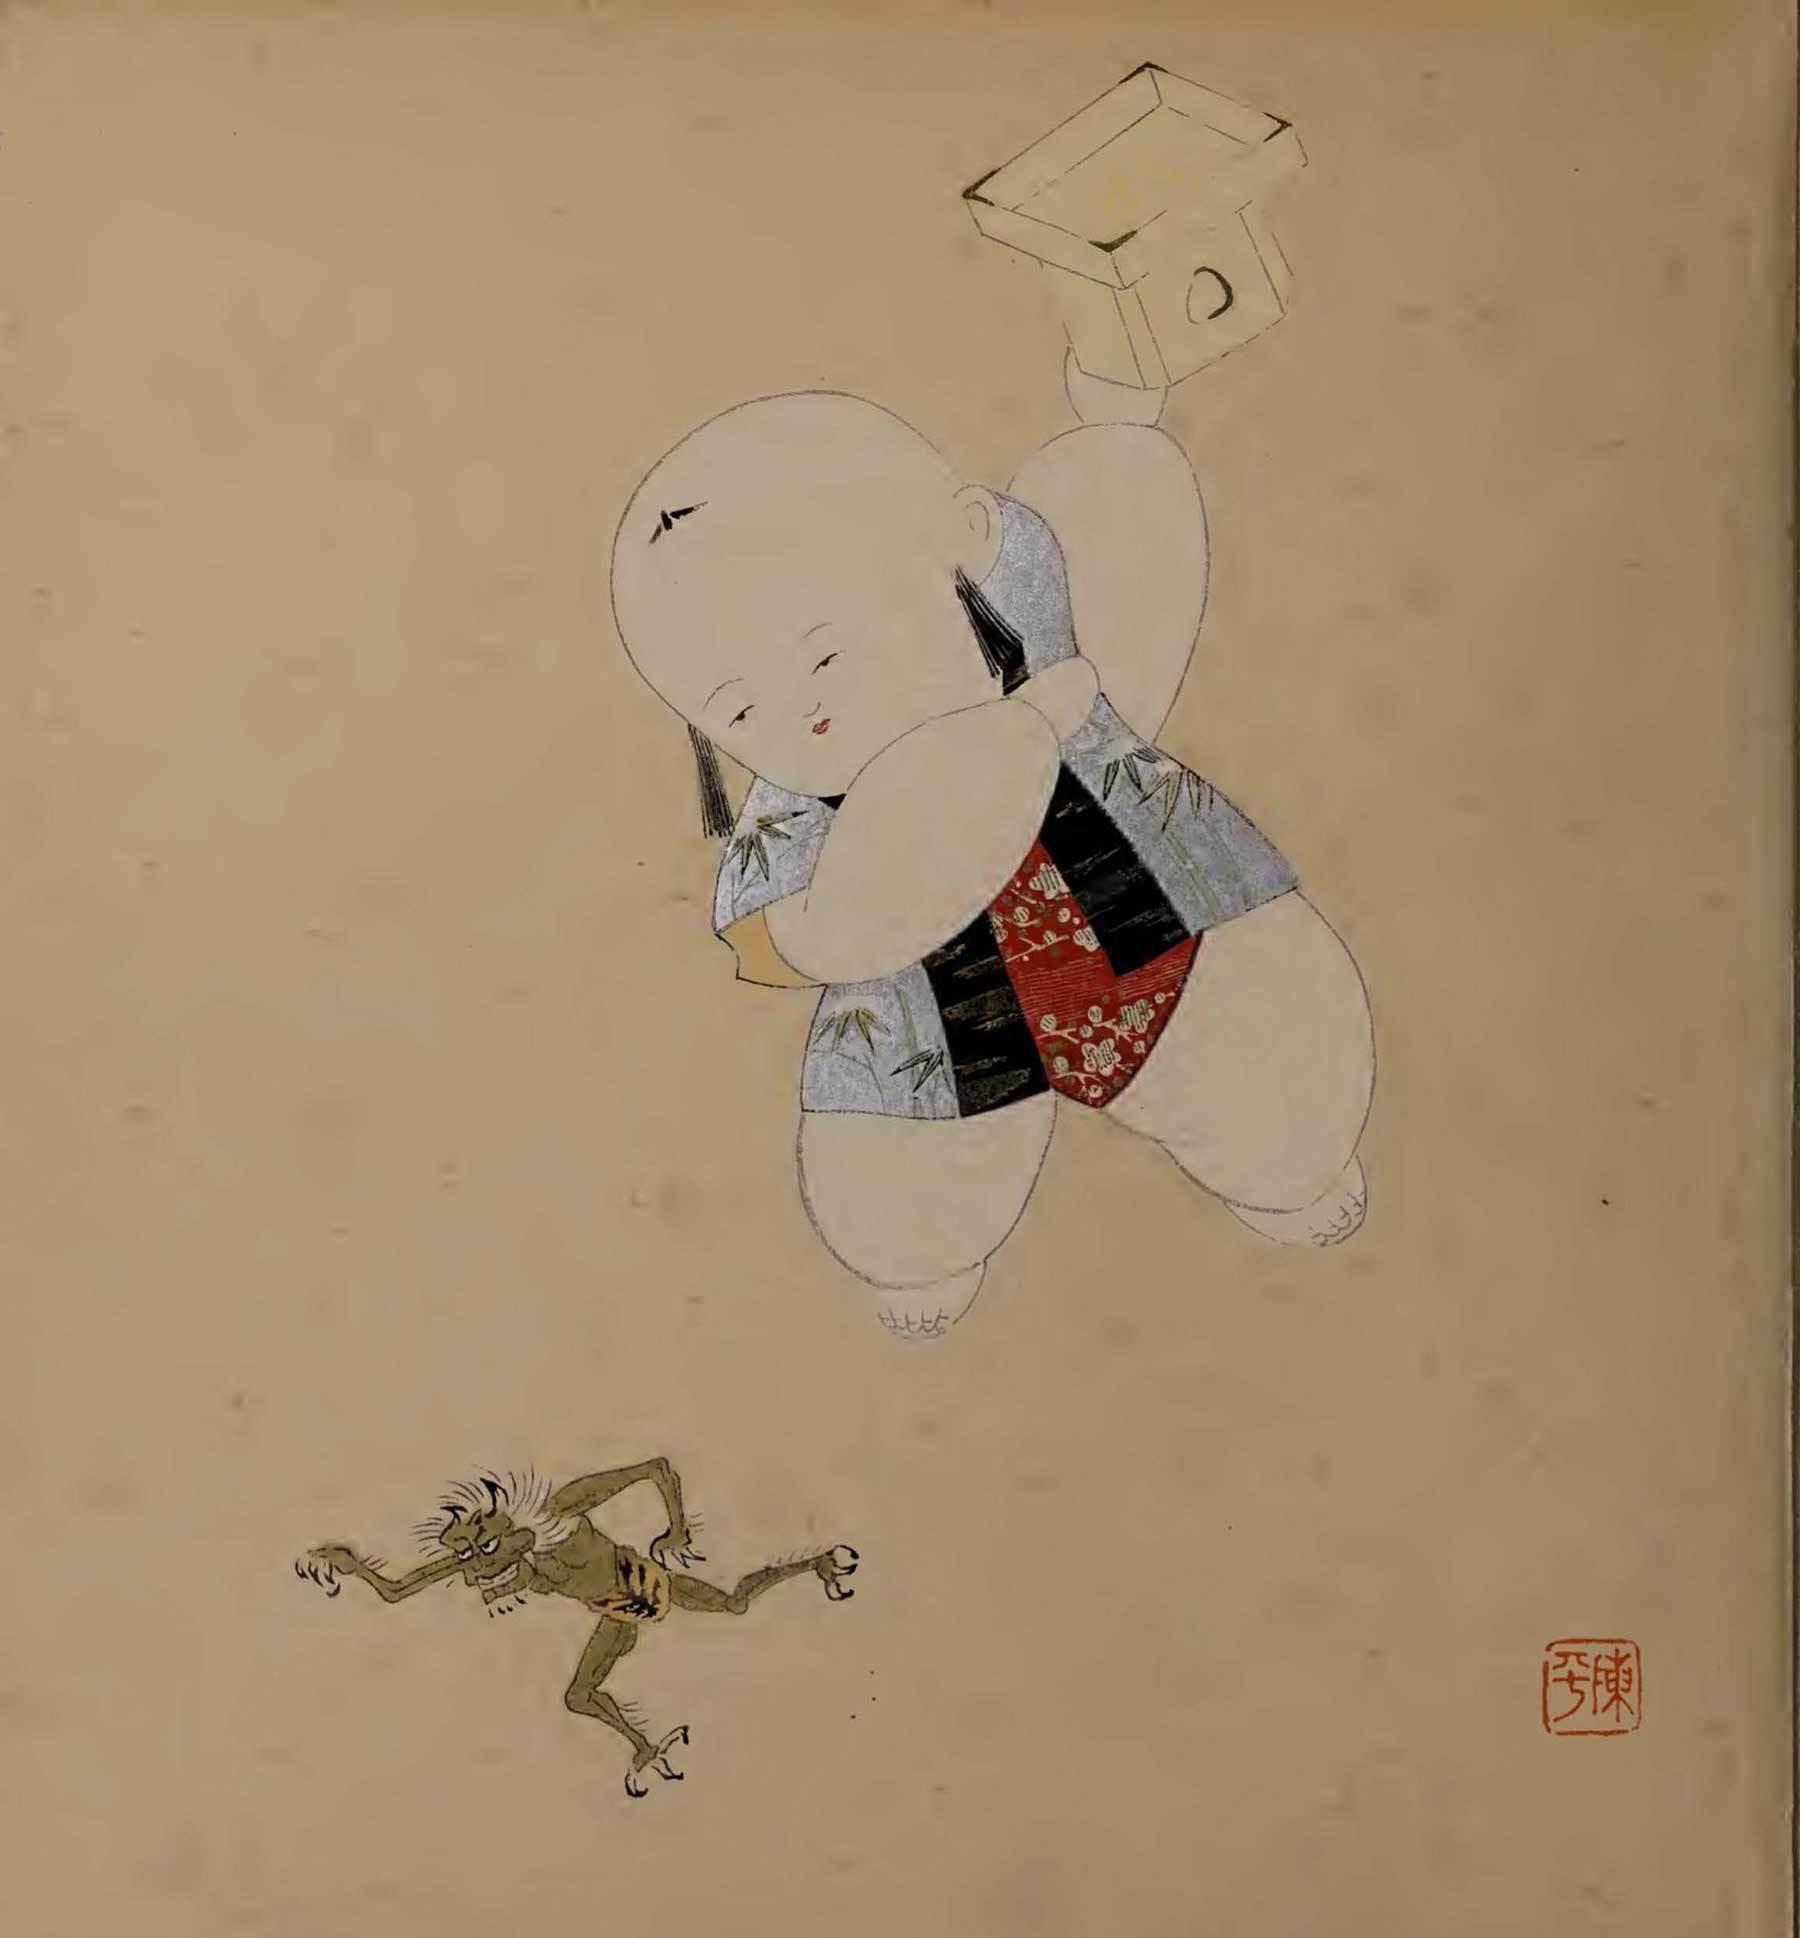 Page from Shiki konomi izukura ningyo